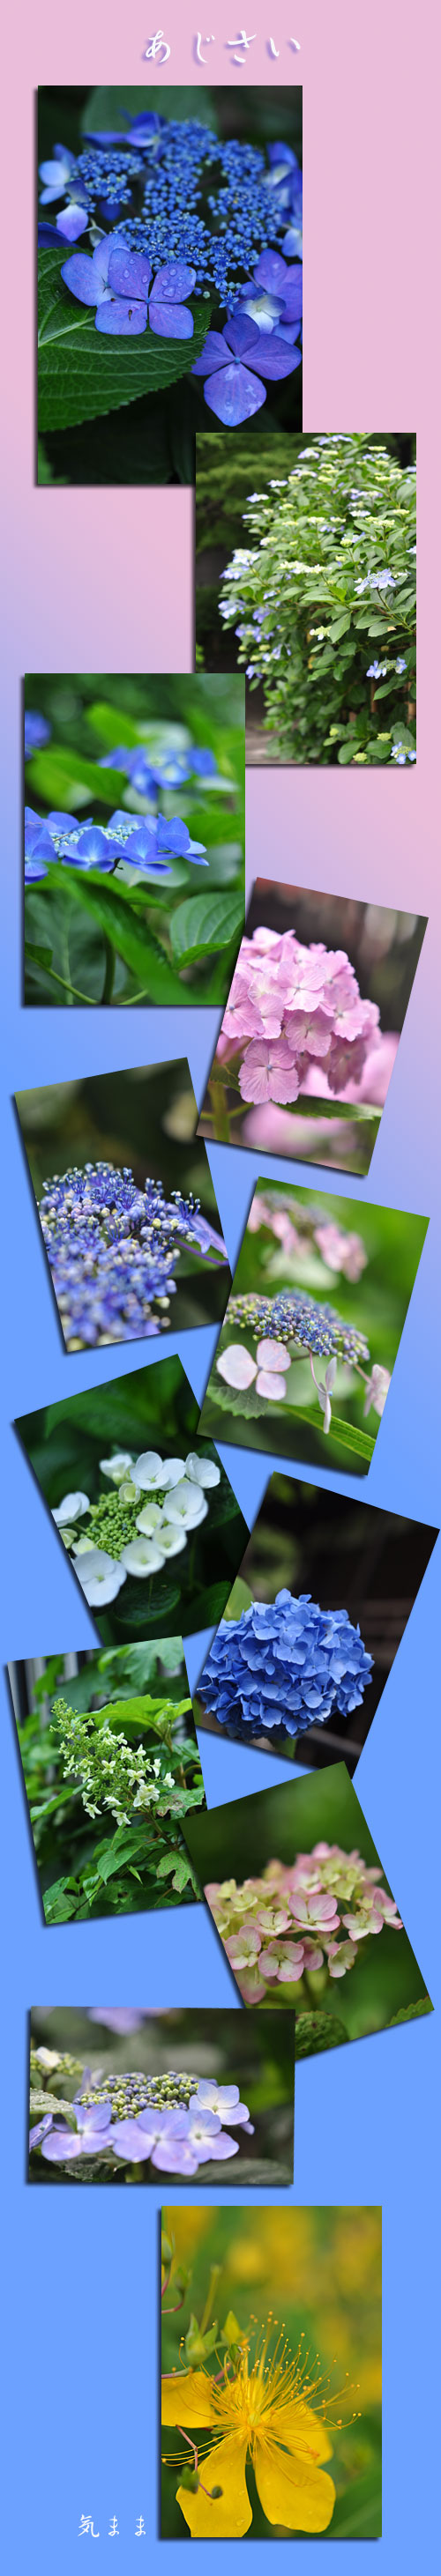 6月13日紫陽花